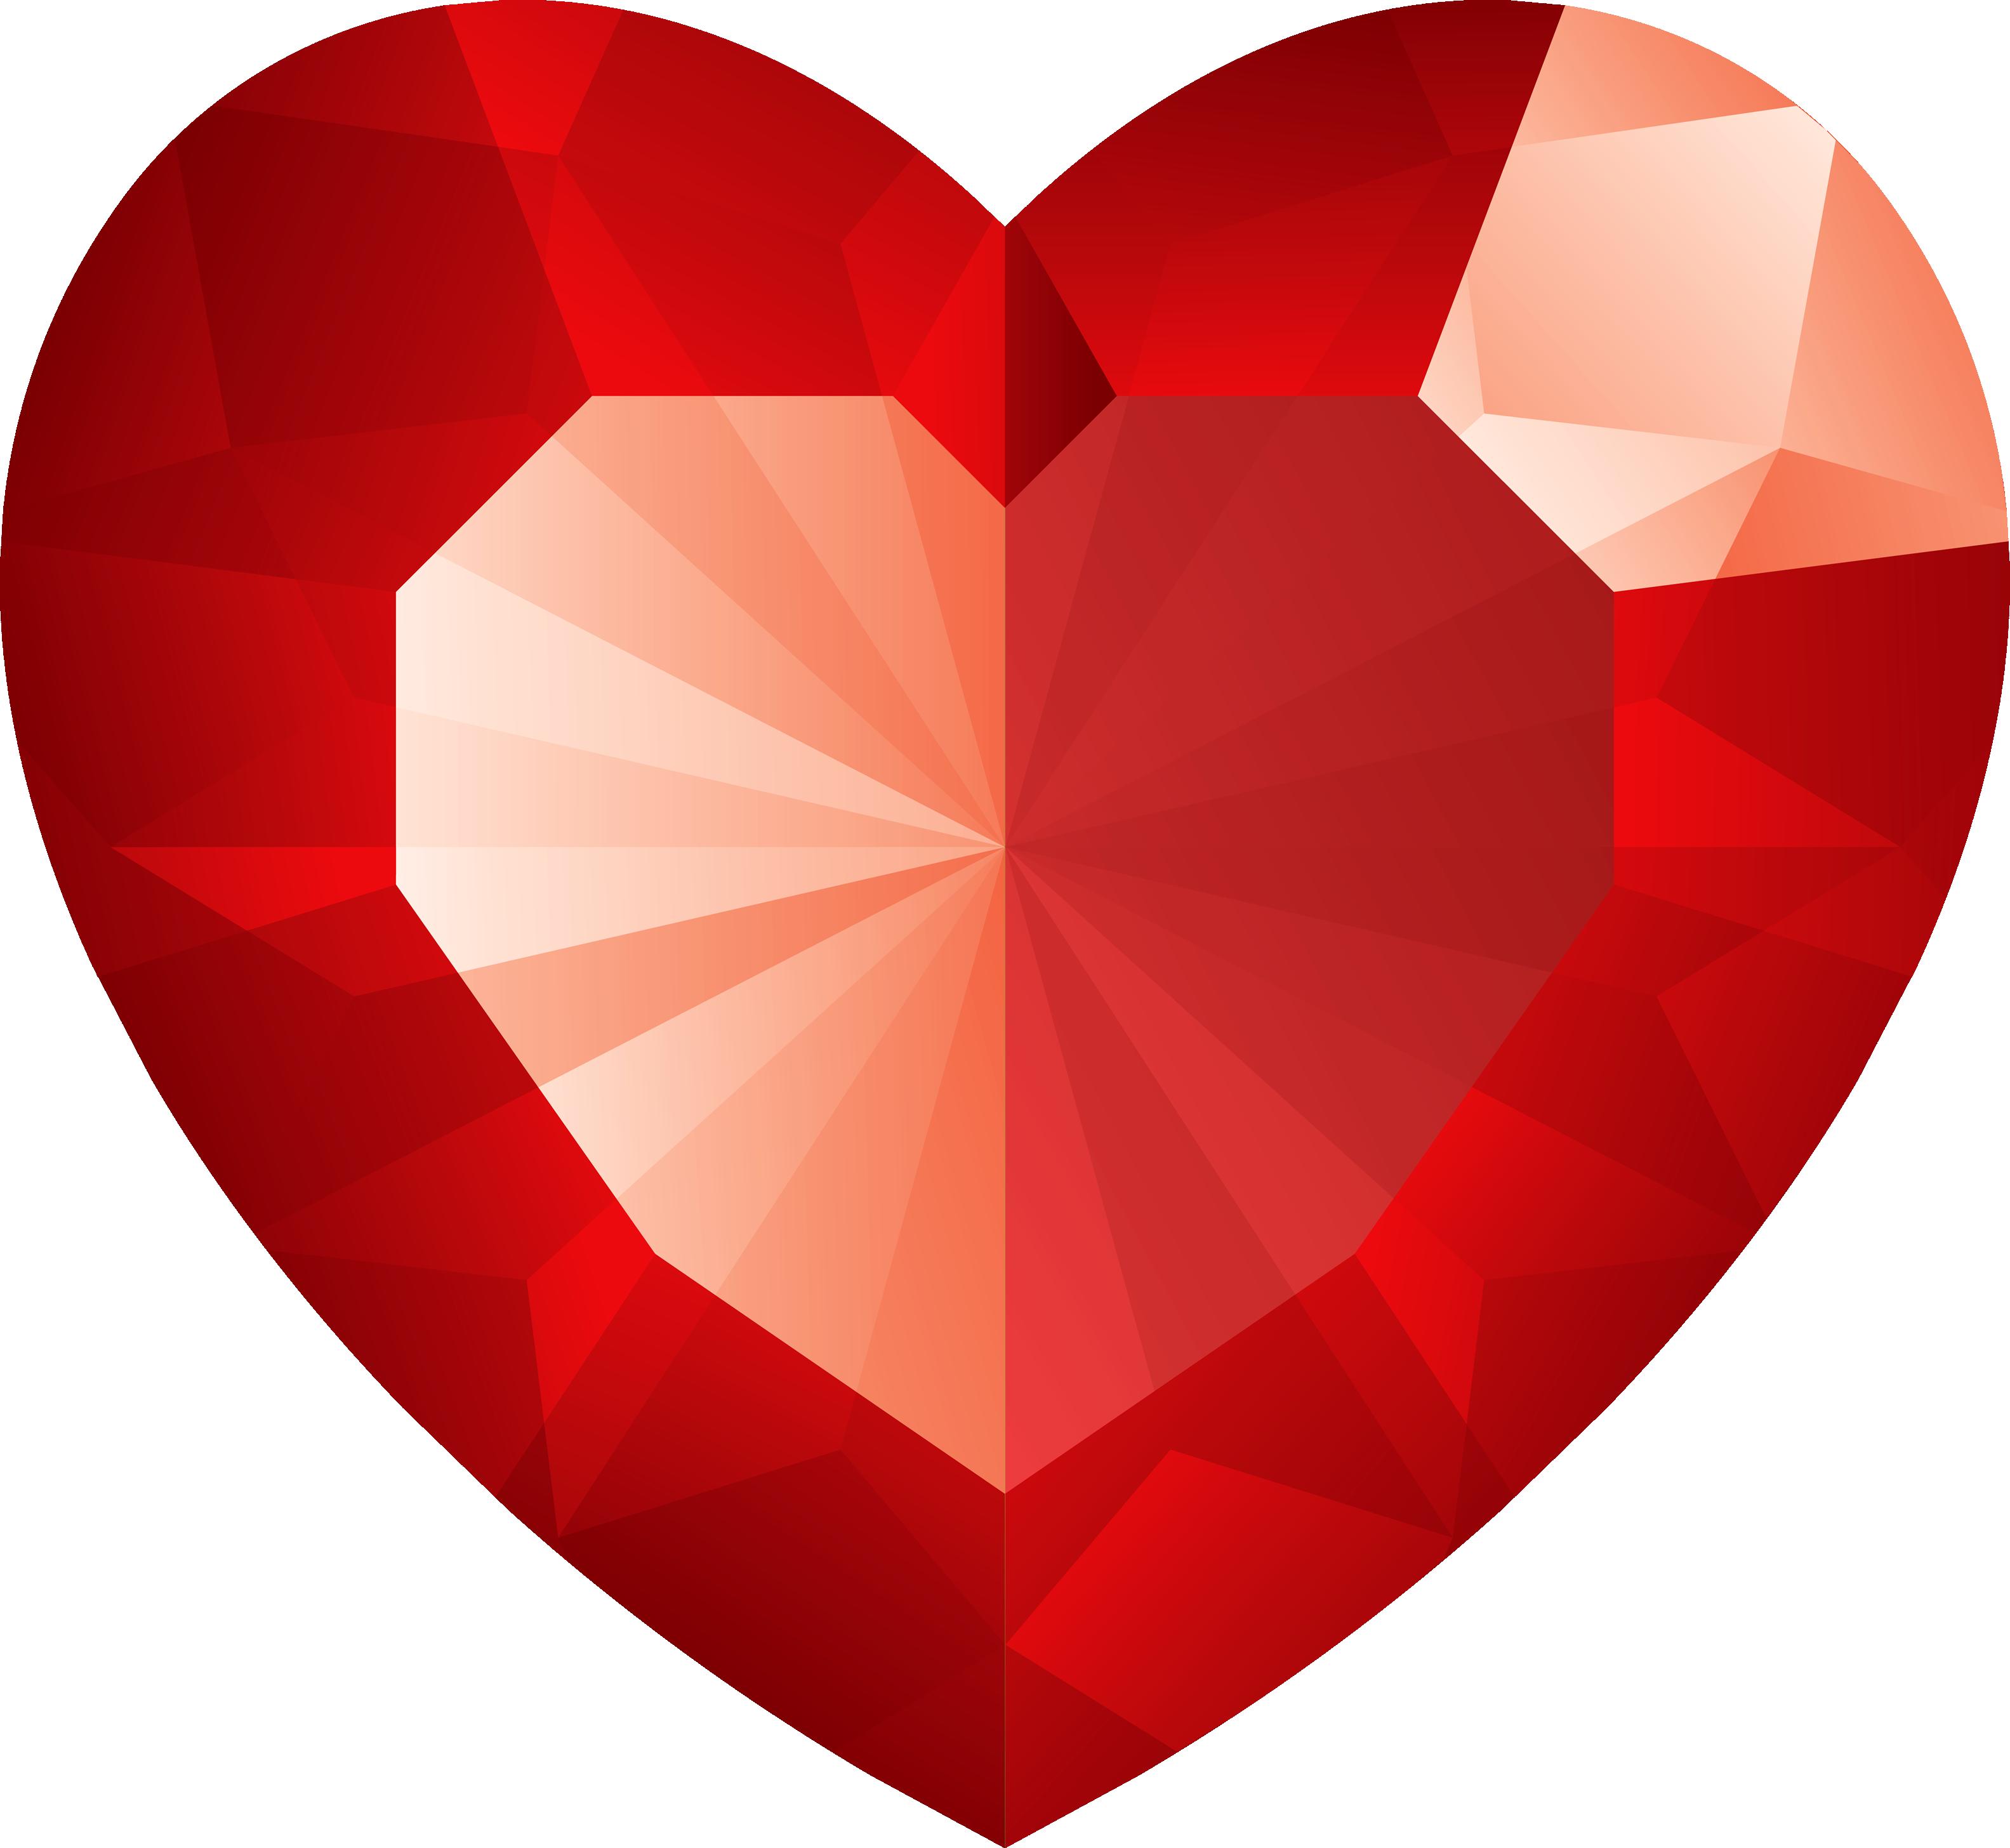 Lollipop clipart red heart, Lollipop red heart Transparent.